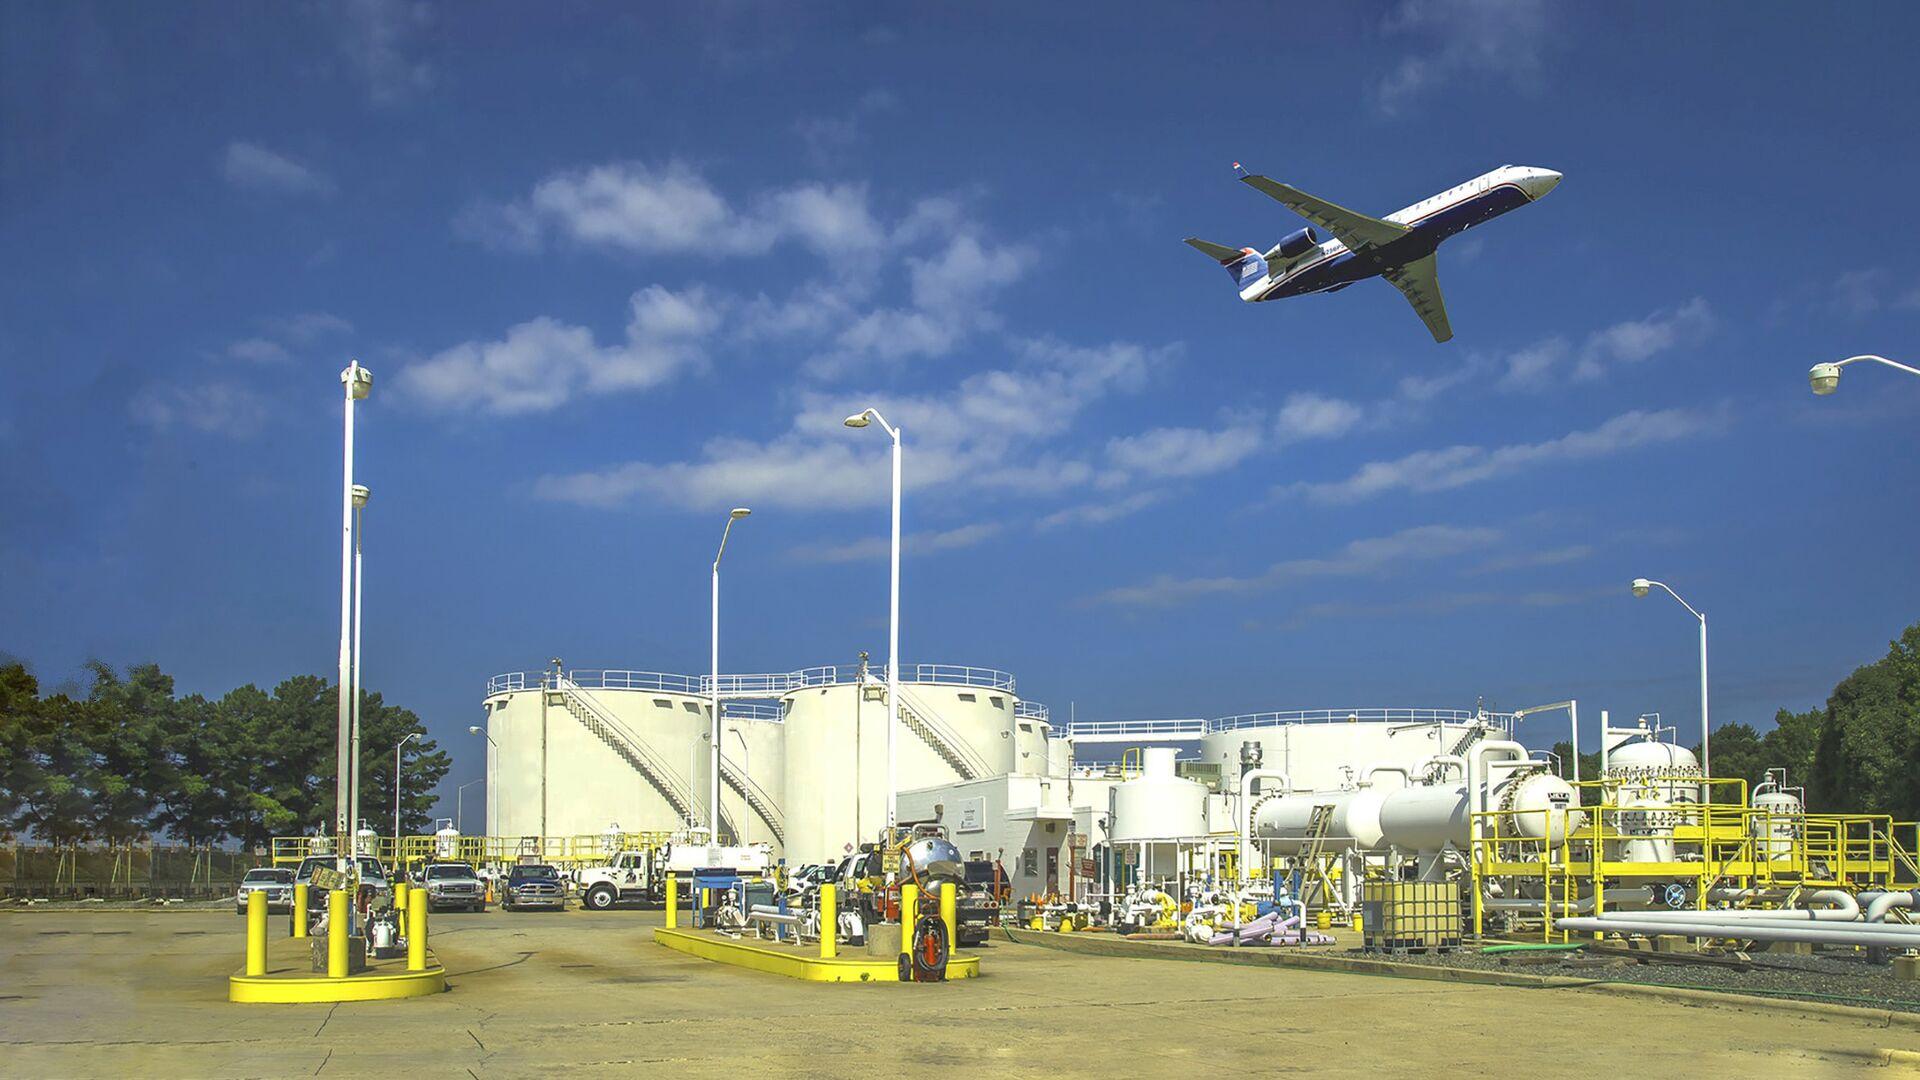 Топливные резервуары компании Colonial Pipeline в аэропорту города Шарлотт, США - РИА Новости, 1920, 12.05.2021